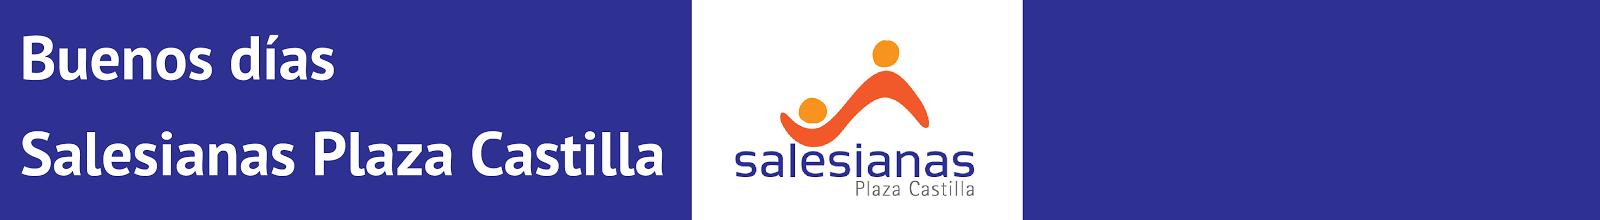 Buenos Días - Salesianas Plaza Castilla